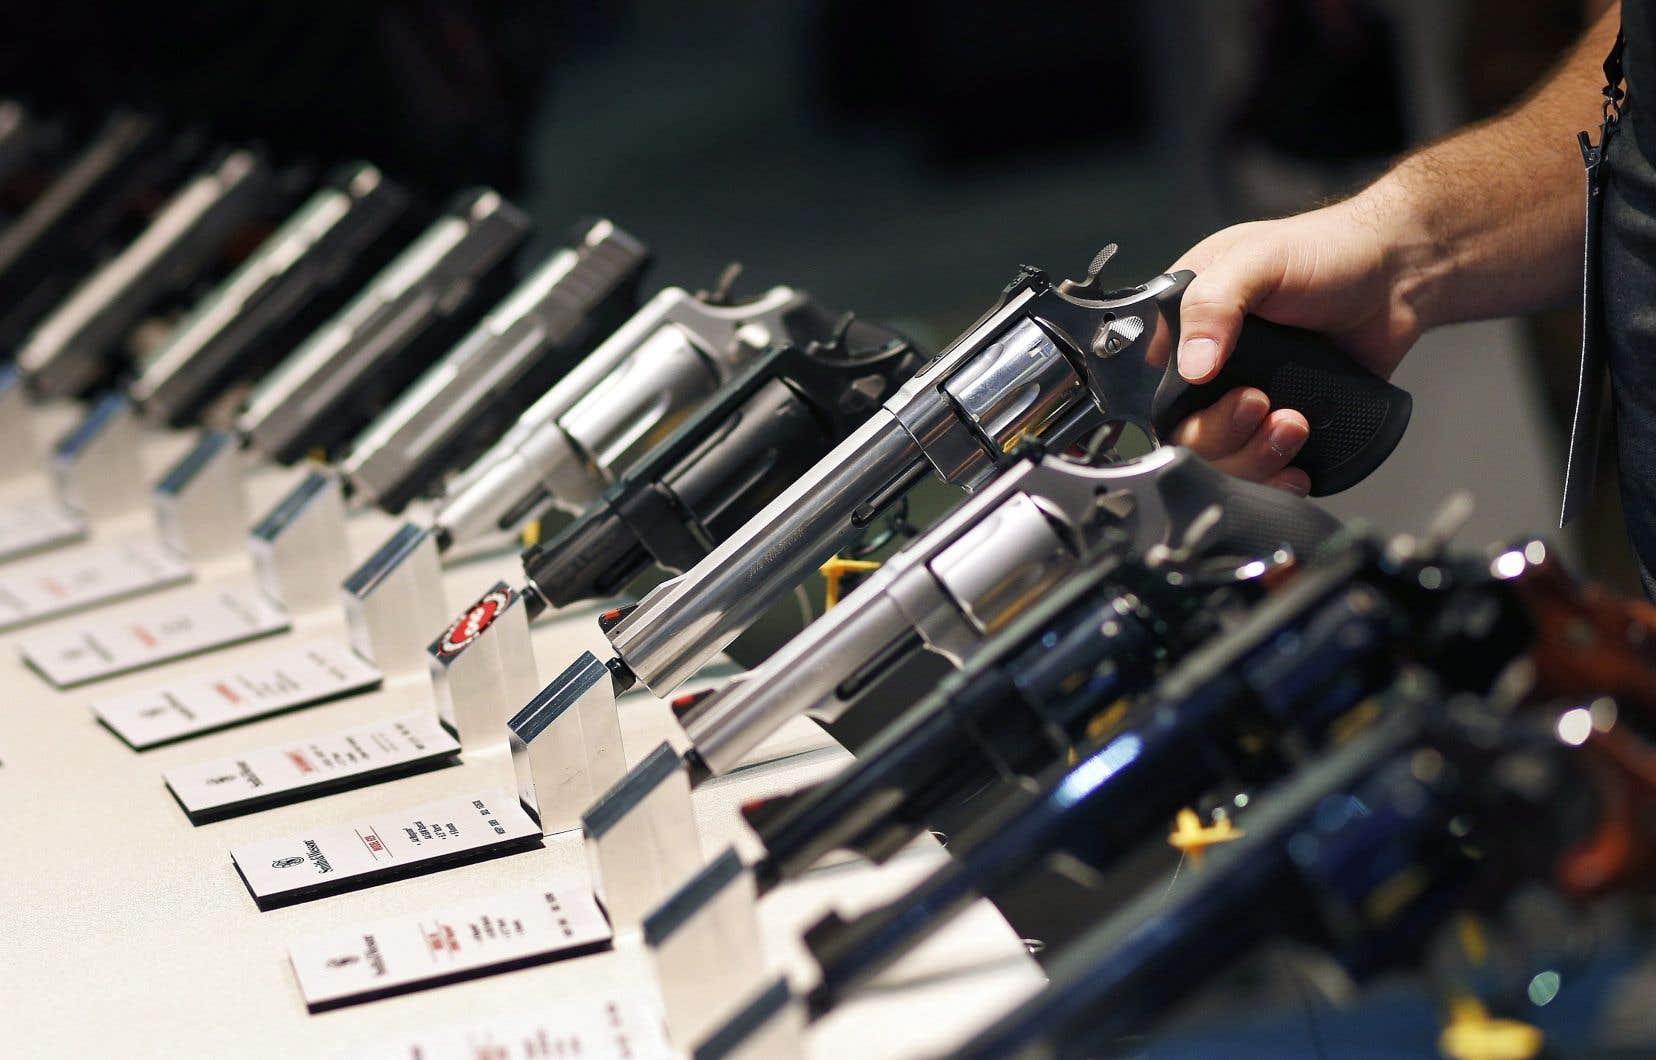 Le gouvernement Trudeau prévoit habiliter les provinces et les villes à prendre des mesures pour gérer l'entreposage et l'utilisation des armes de poing sur leur territoire.